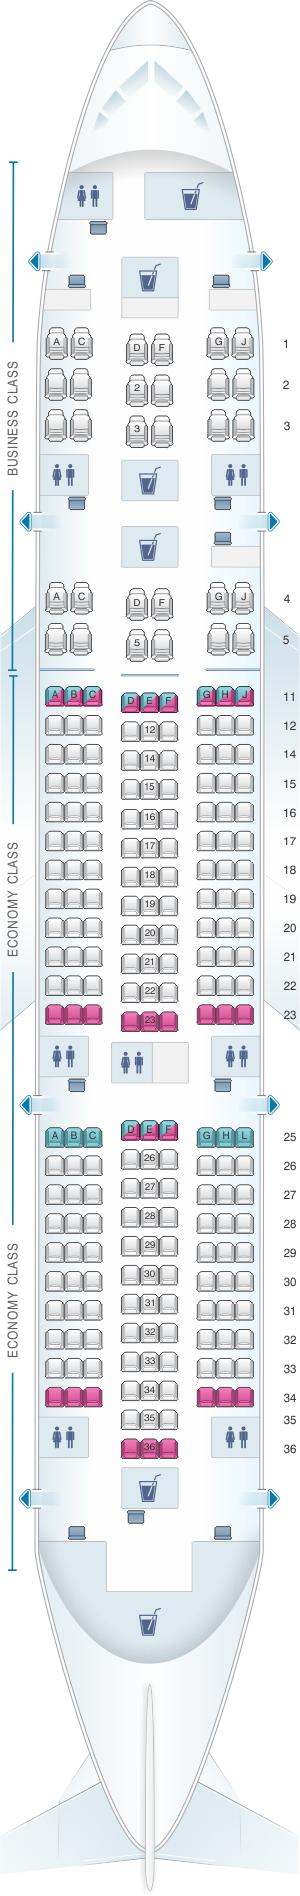 Seat map for Kenya Airways Boeing B787-8